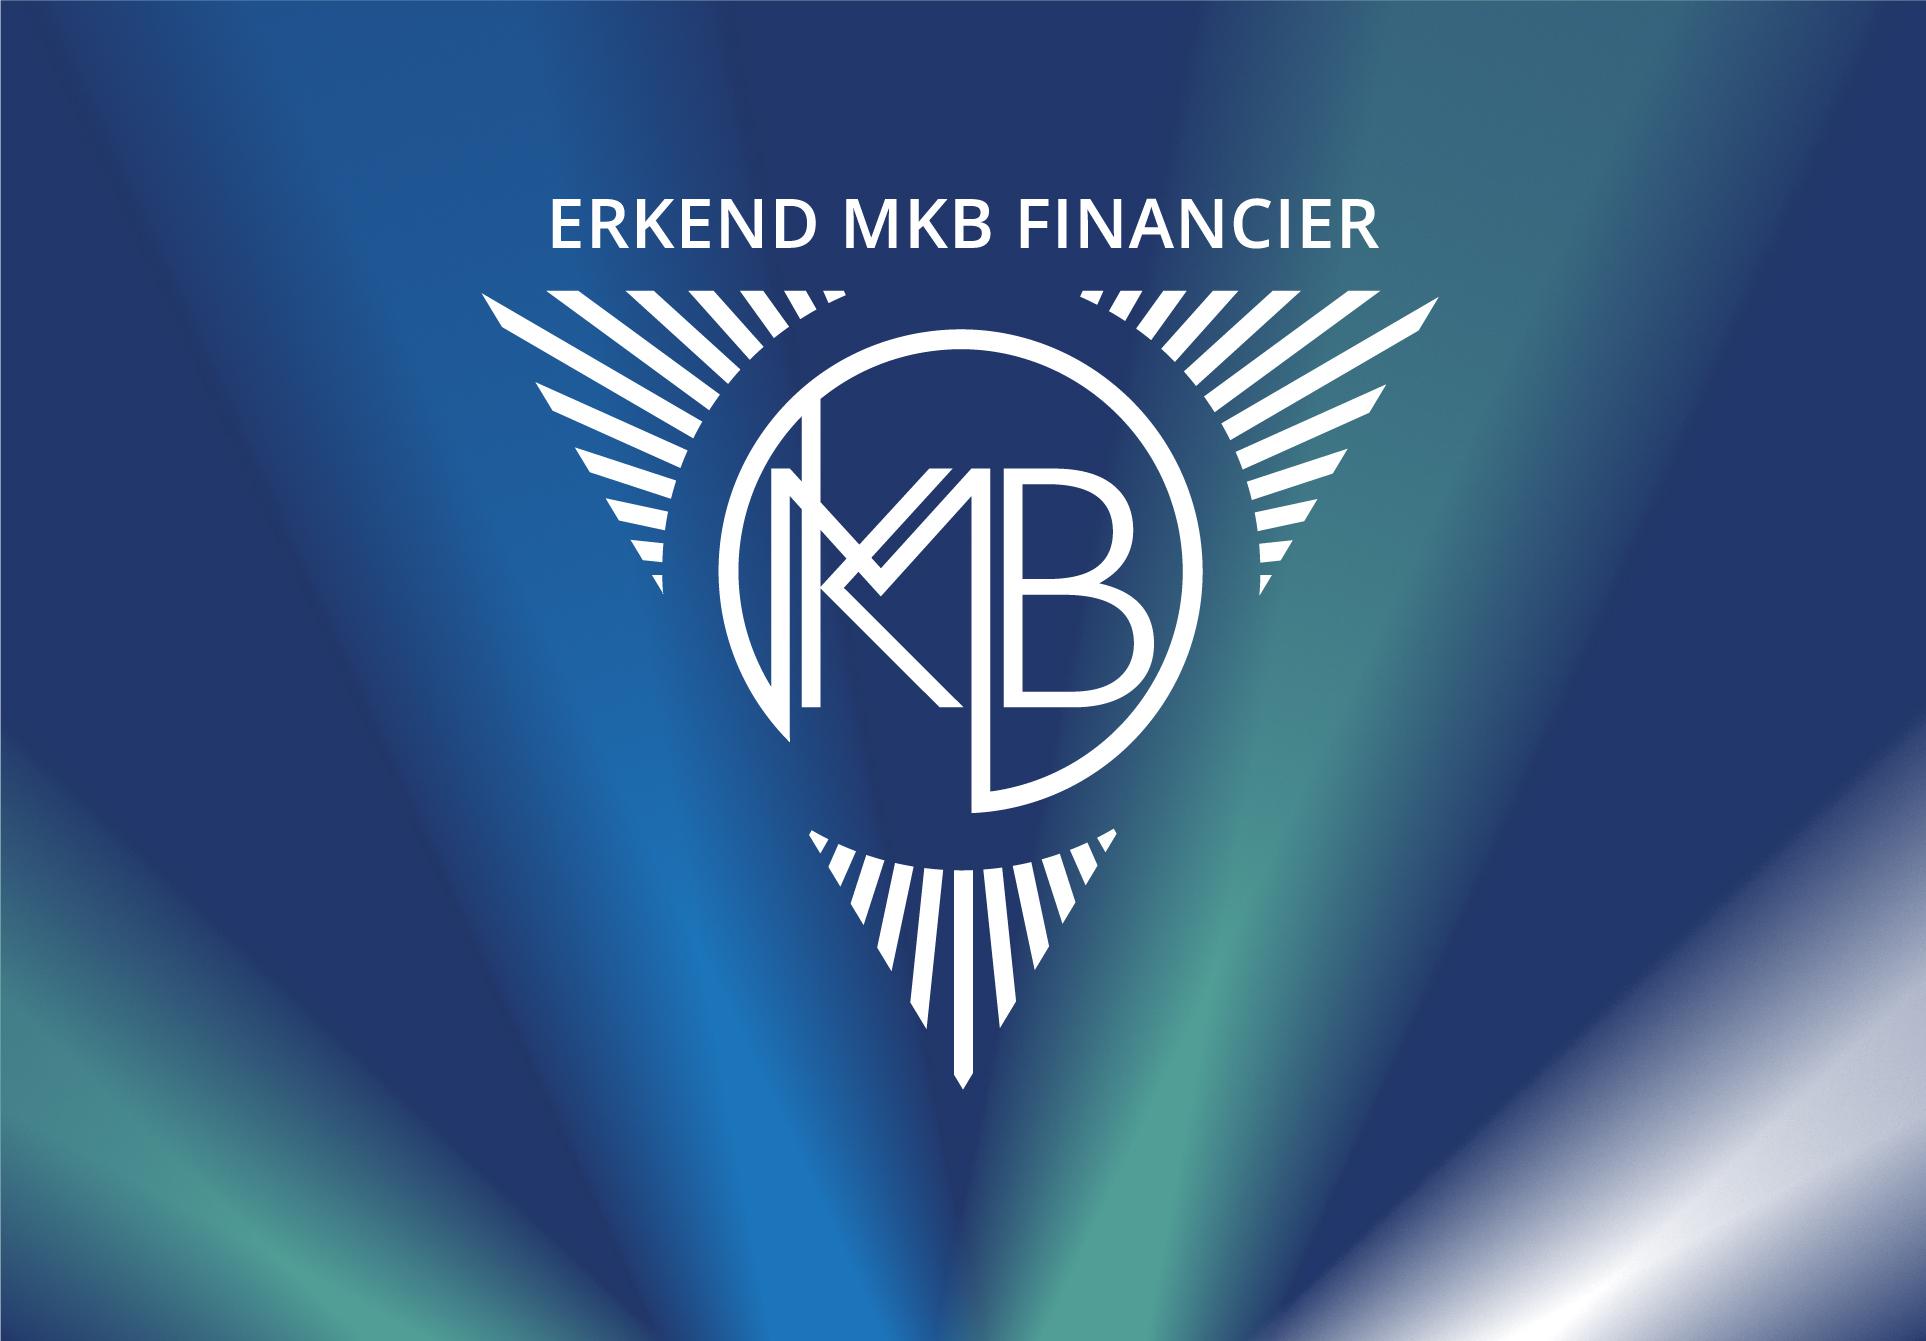 Vijf nieuwe Erkend MKB Financiers, markt non-bancair financieren blijft zich professionaliseren